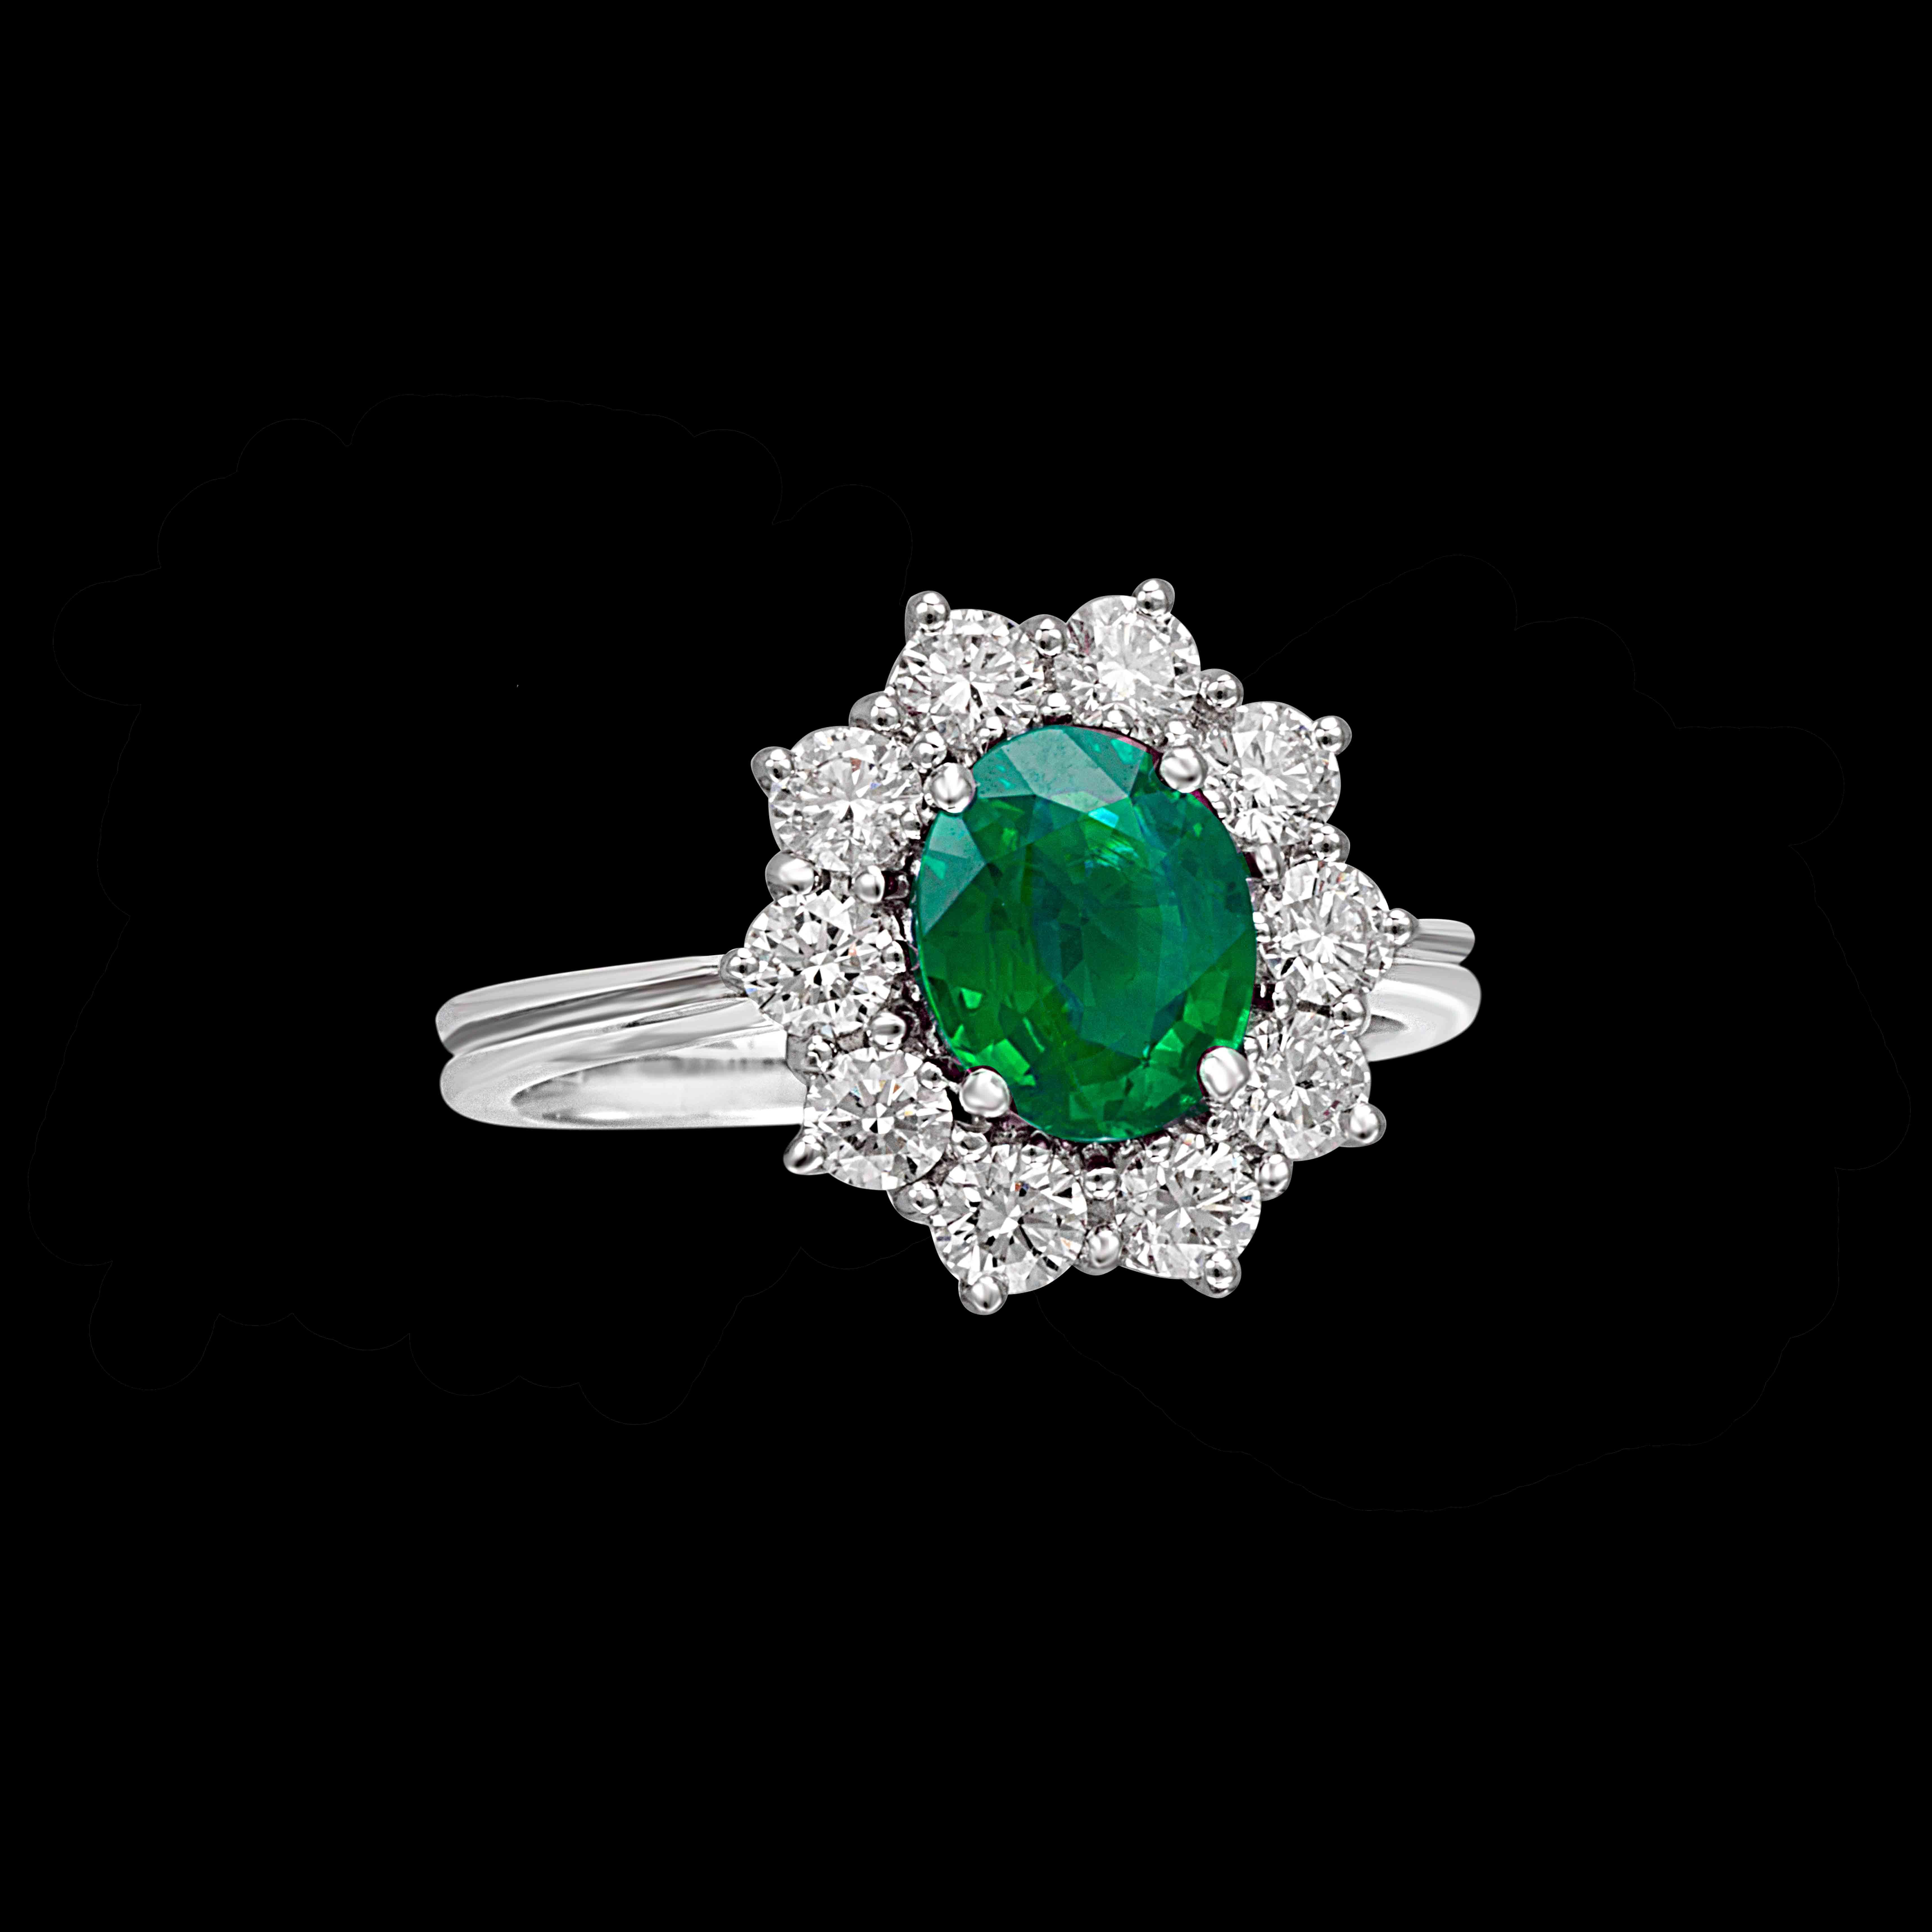 AN 2835 SM massimo raiteri anelli contorno smeraldo exclusive jewellery emerald colombian